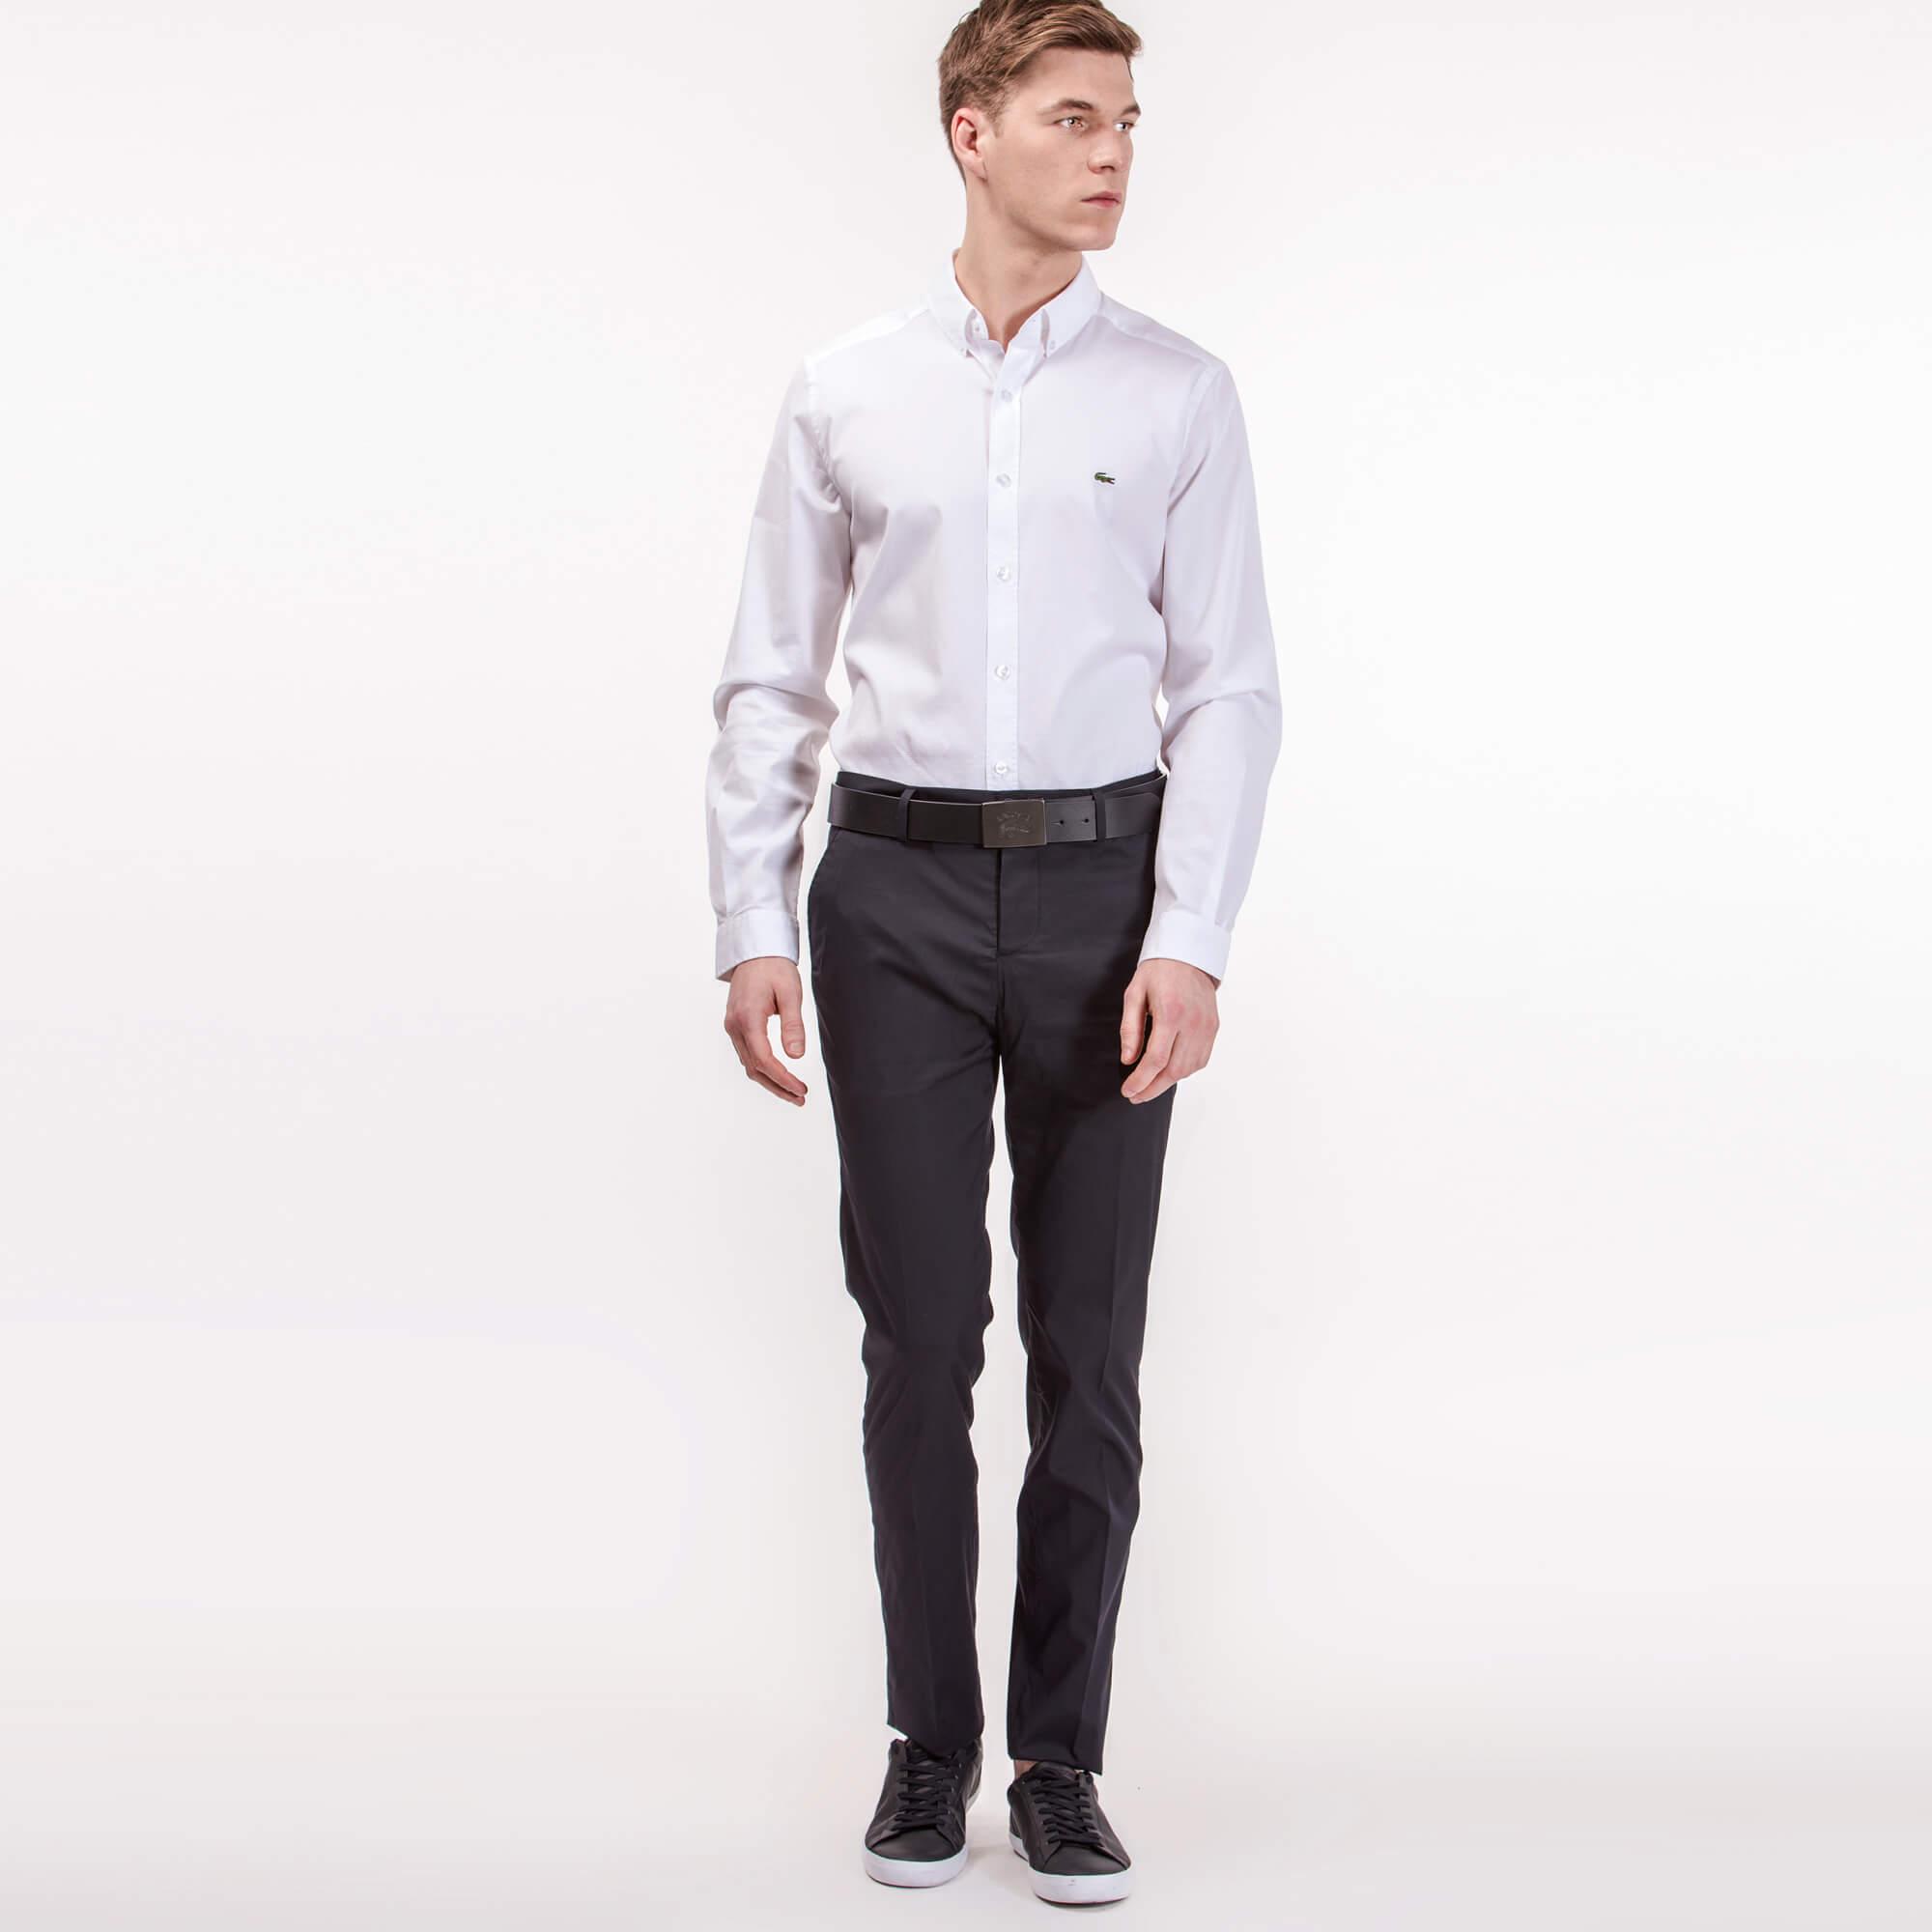 Брюки Lacoste Regular fitБрюки<br>Детали: стильные мужские брюки  \ Материал: 75% хлопок 22% полиамид 3% эластан \ Страна производства: Турция